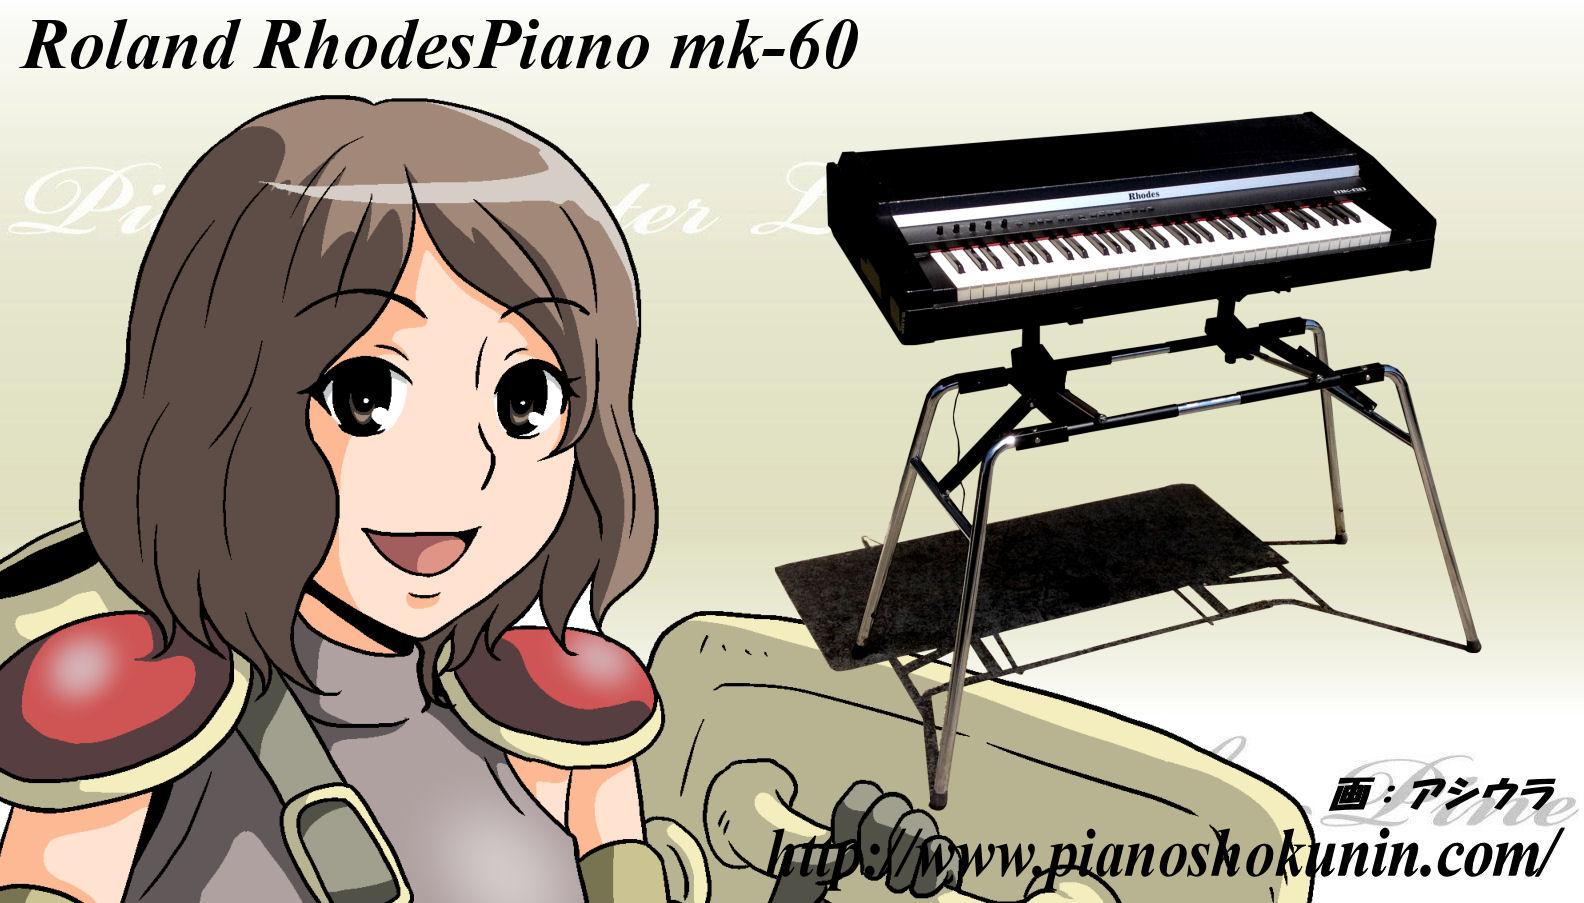 Rhodes MK-60